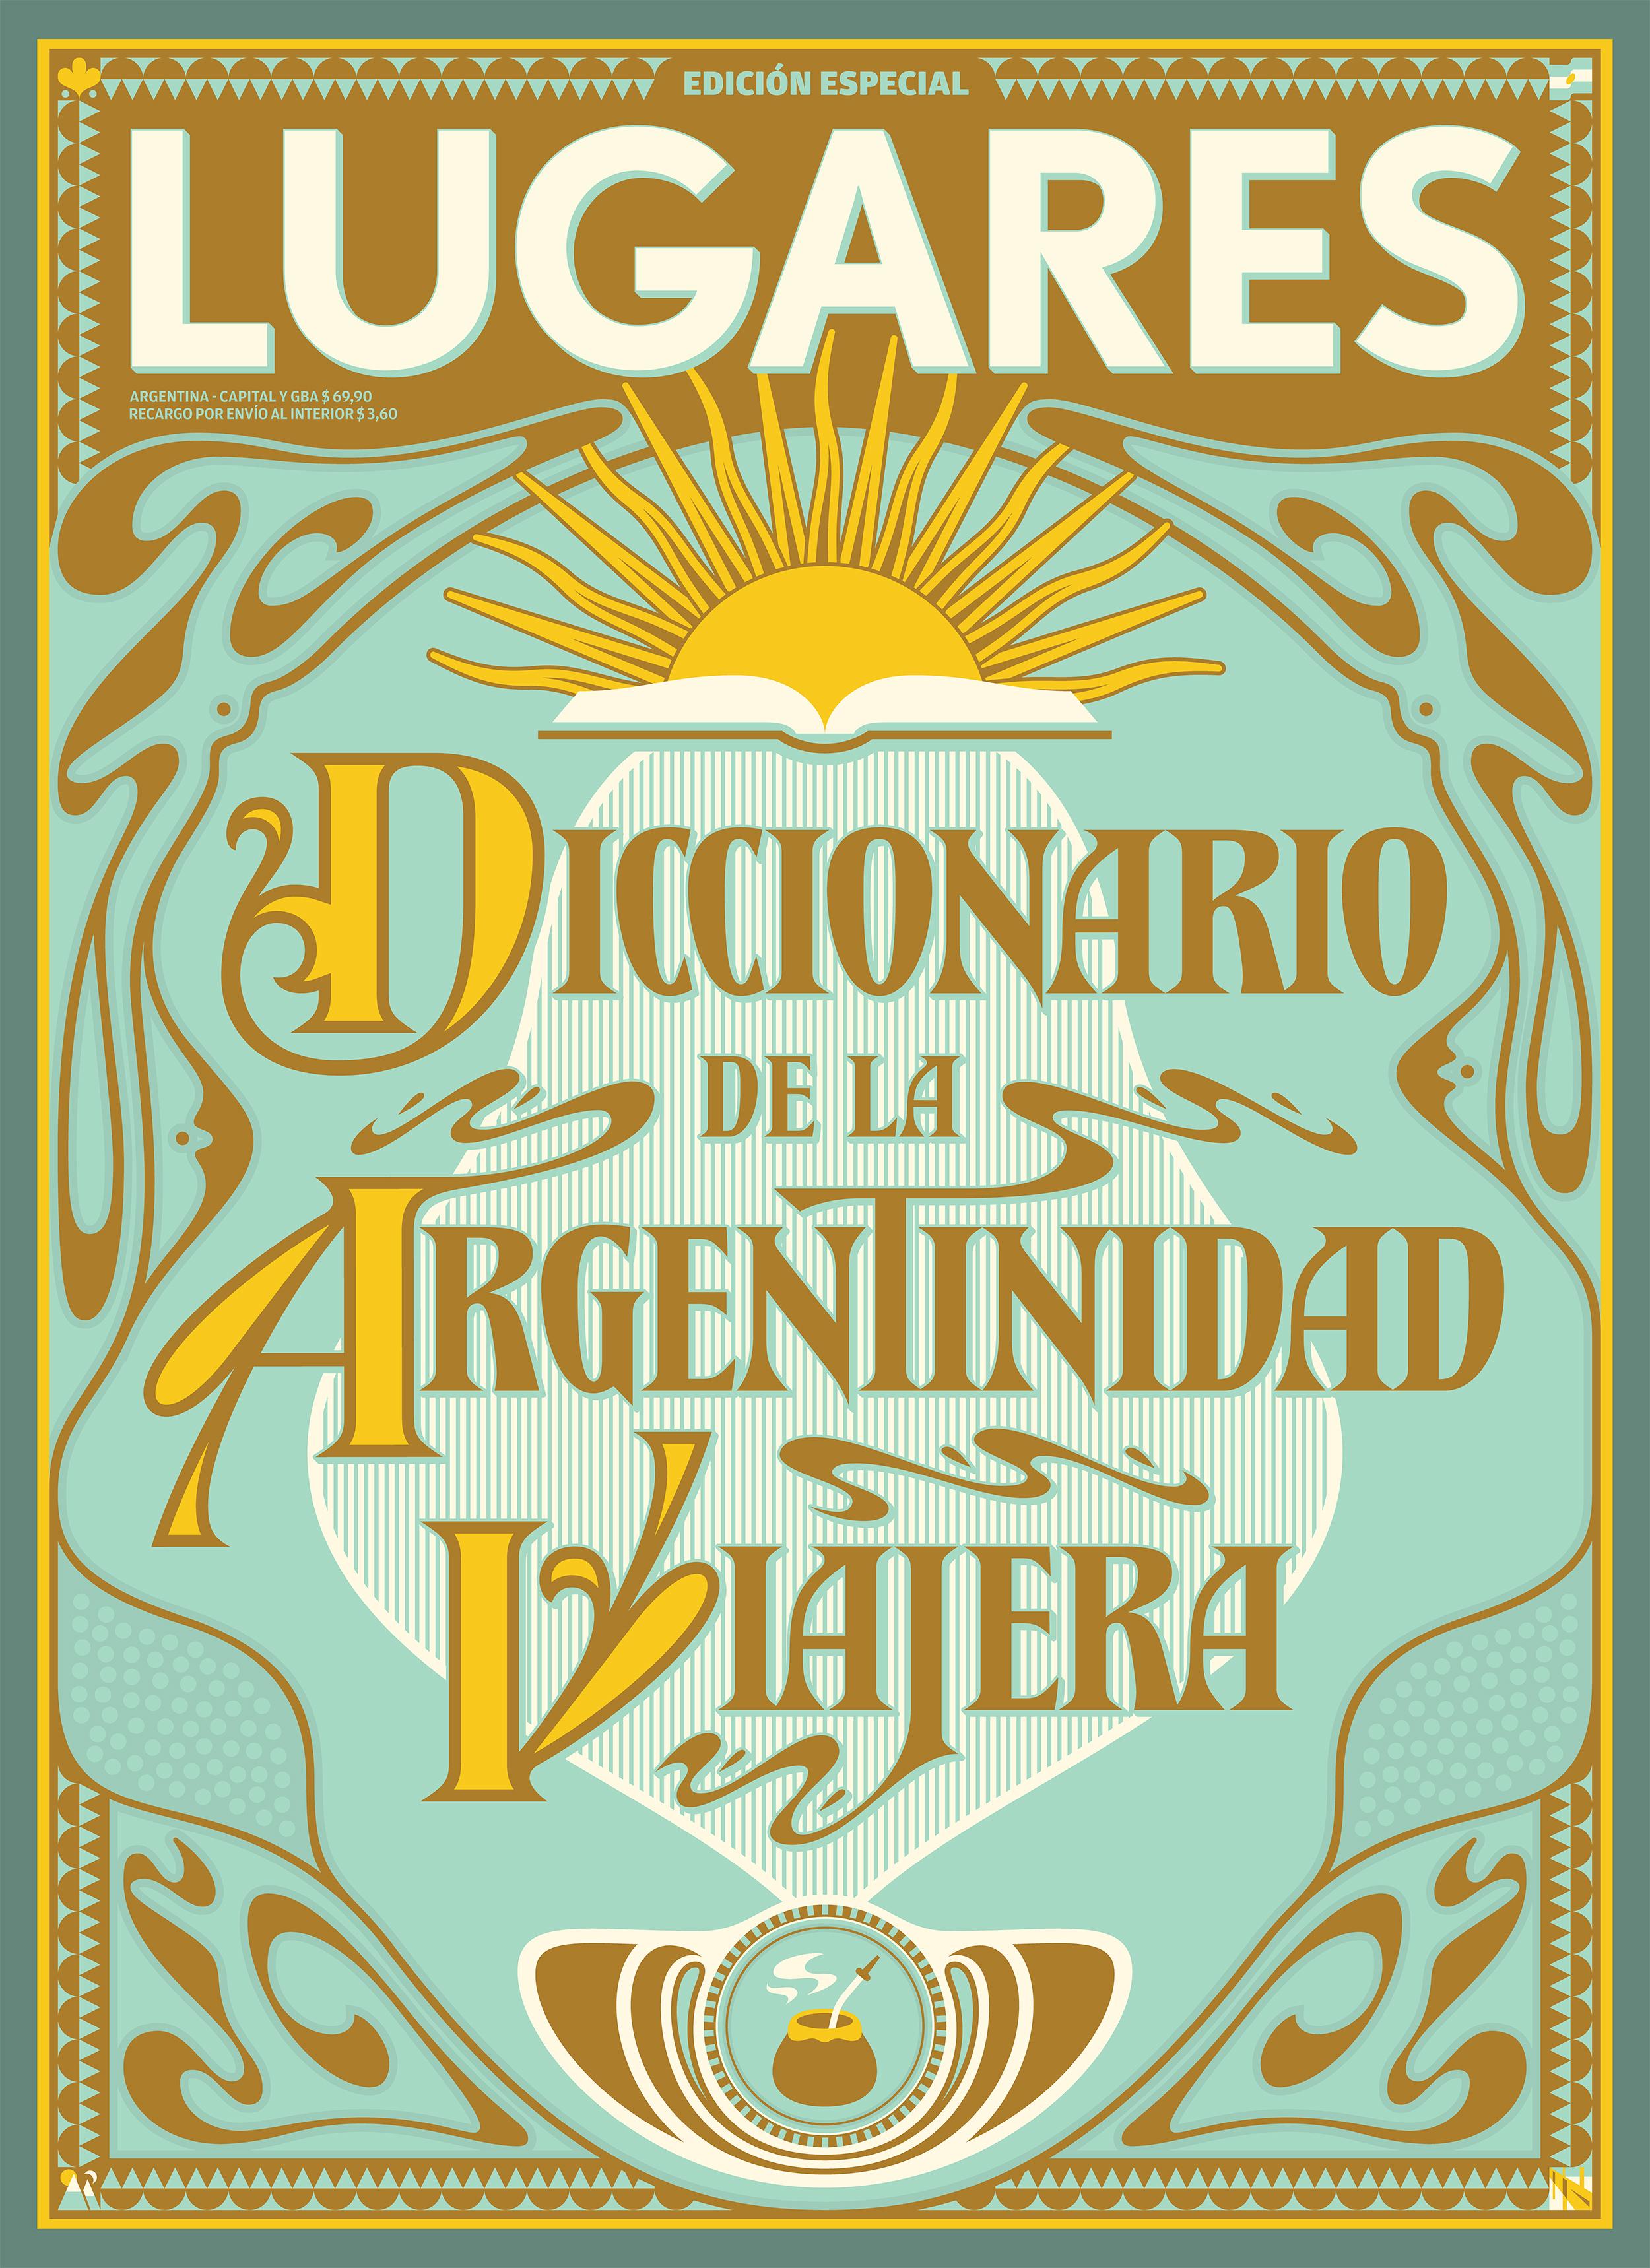 DICCIONARIO_ARGENTINIDAD_Yanina-Arabena_Guillermo-Vizzari_8.jpg